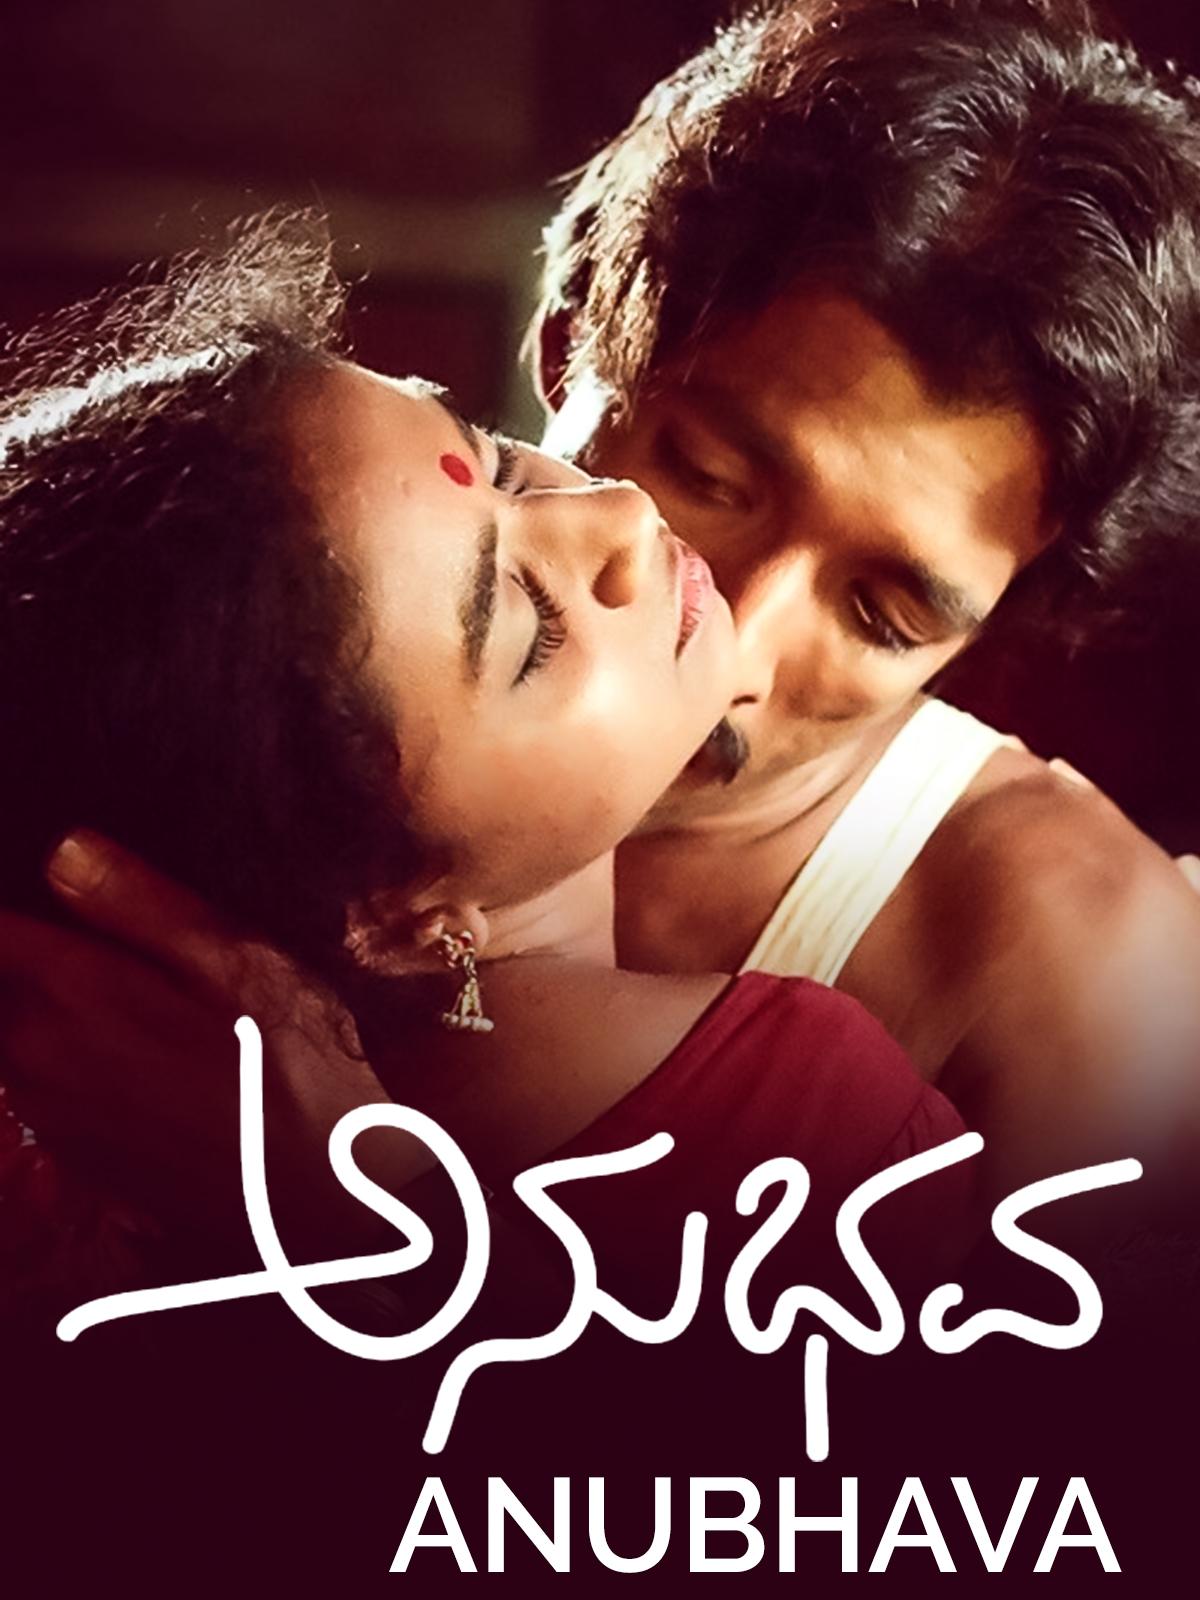 Anubhava ((1984))